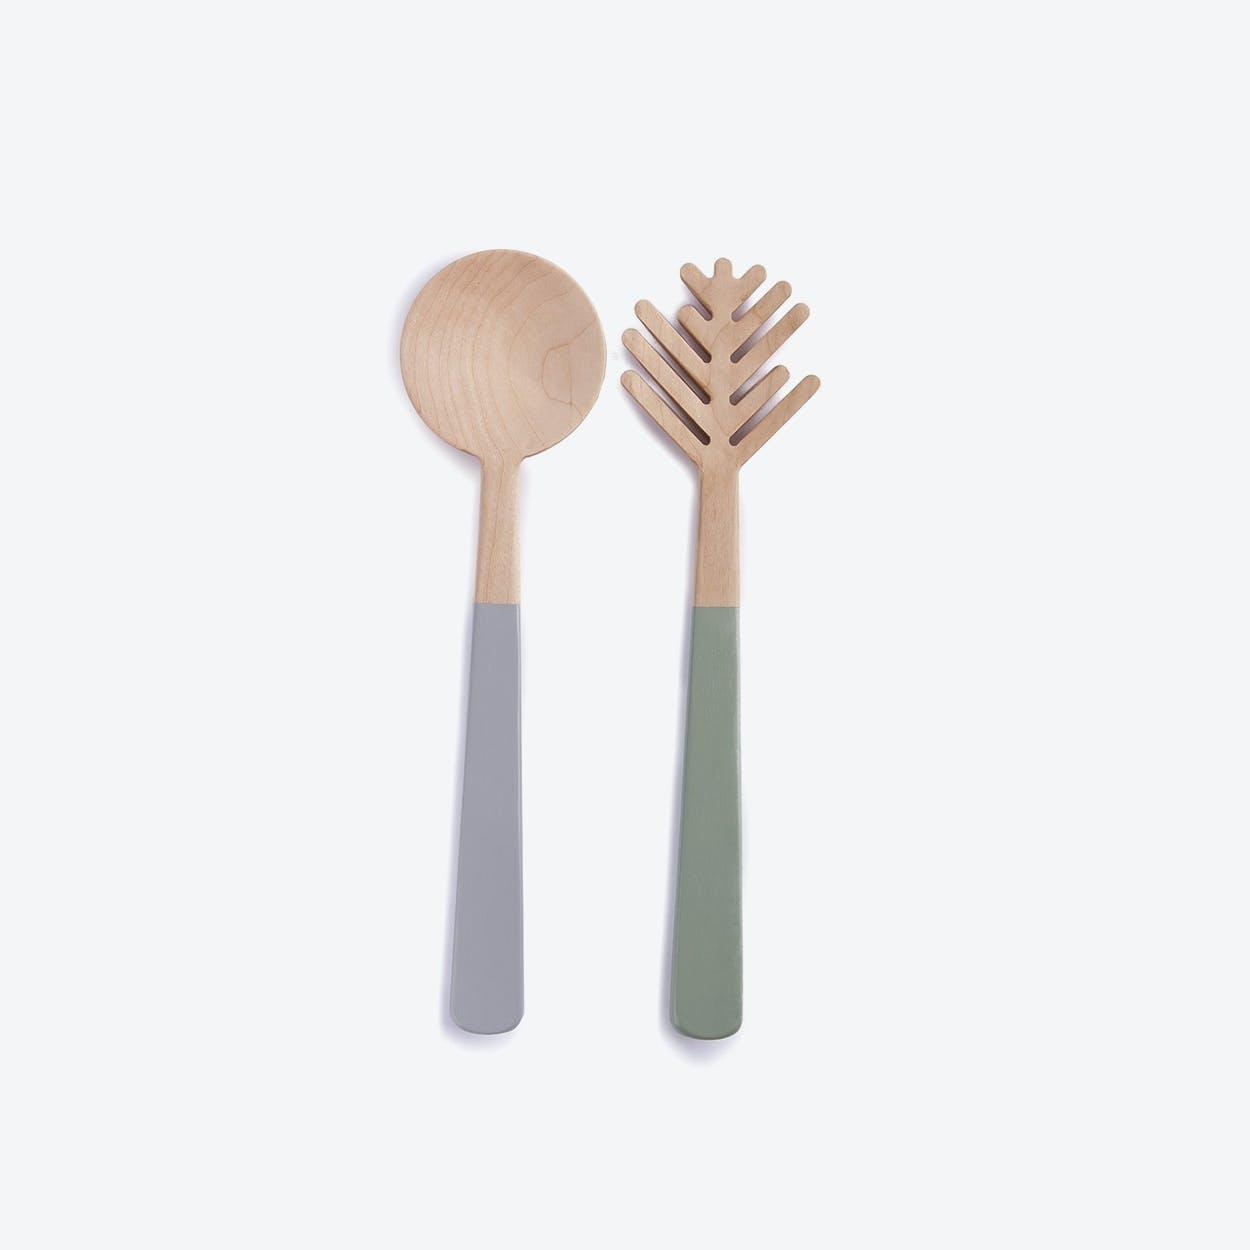 Pine Needle Salad Spoon Server Set I